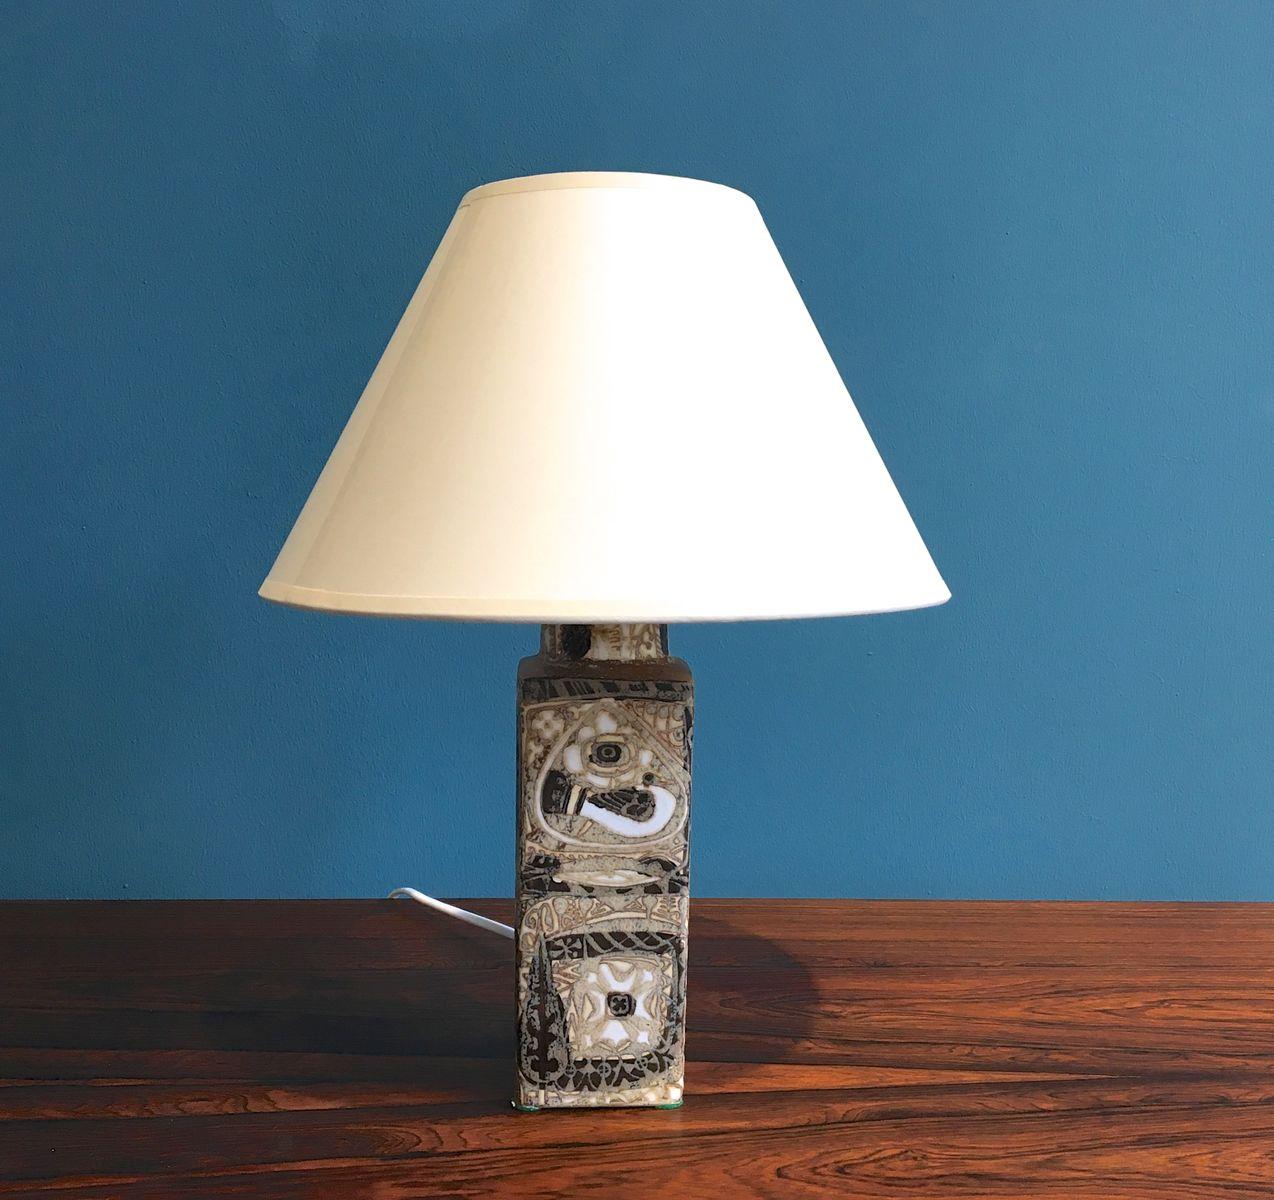 Baca Tischlampe von Nils Thorsson für Royal Copenhagen, 1960er